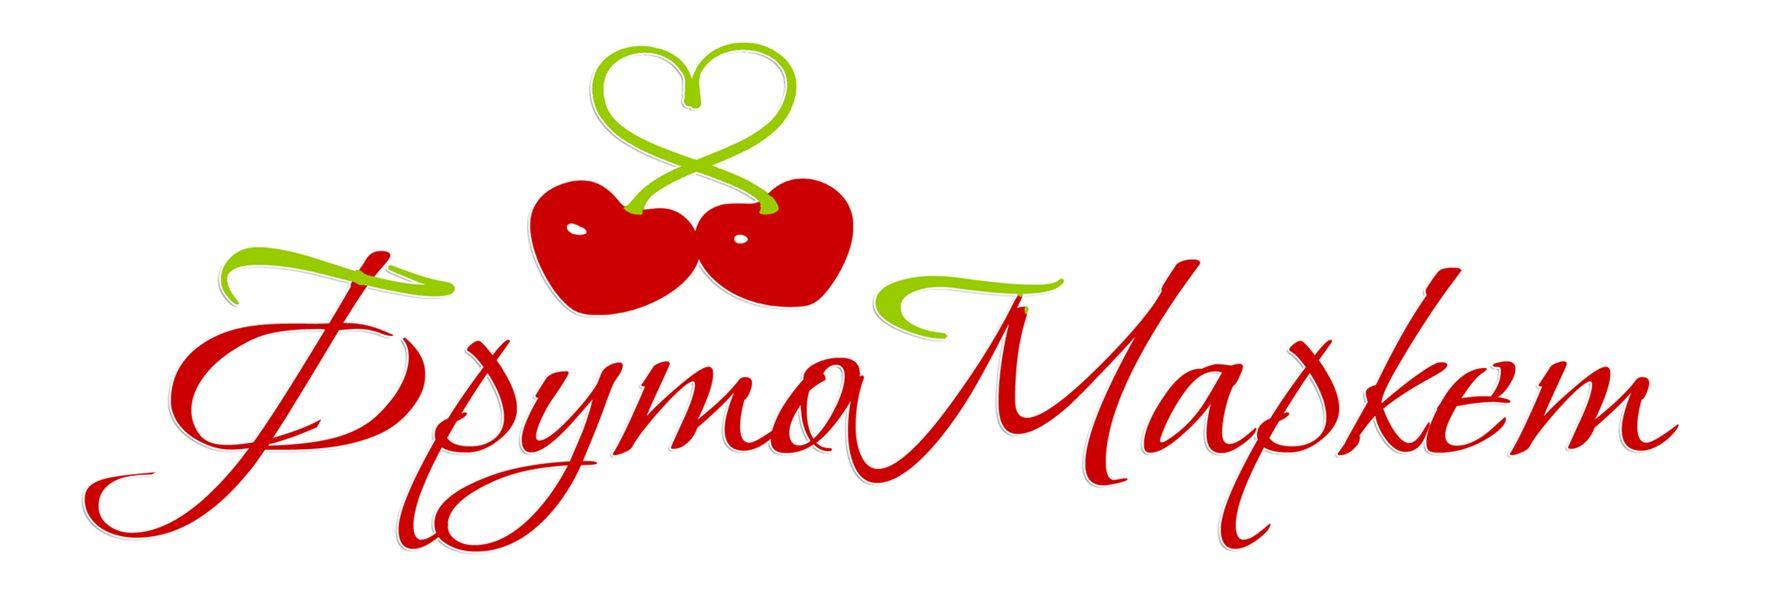 Логотип-вывеска фруктово-овощных магазинов премиум - дизайнер tiko_teko